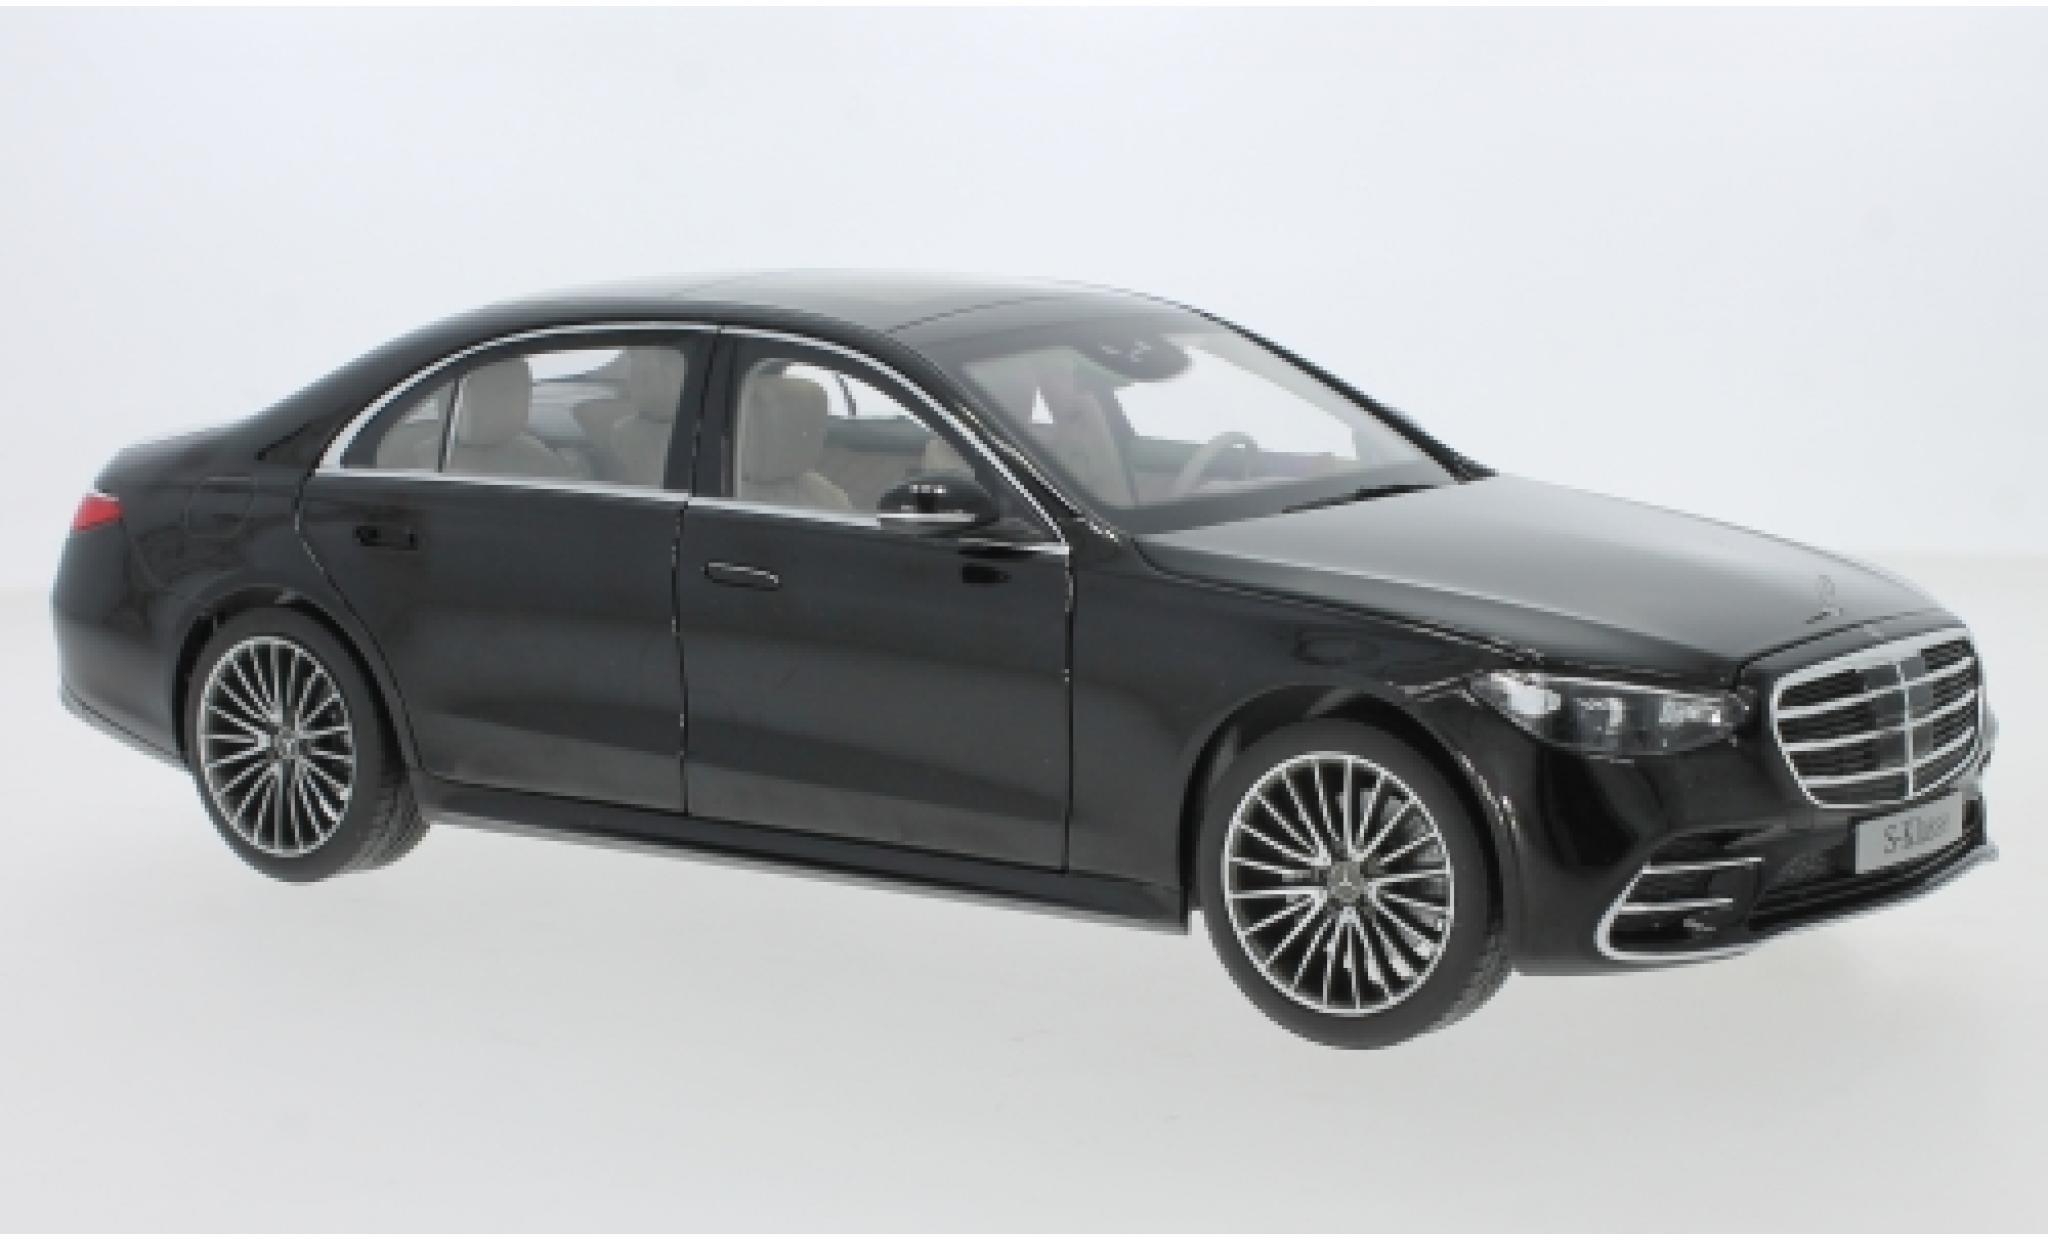 Mercedes Classe S 1/18 I Norev (V223) black 2021